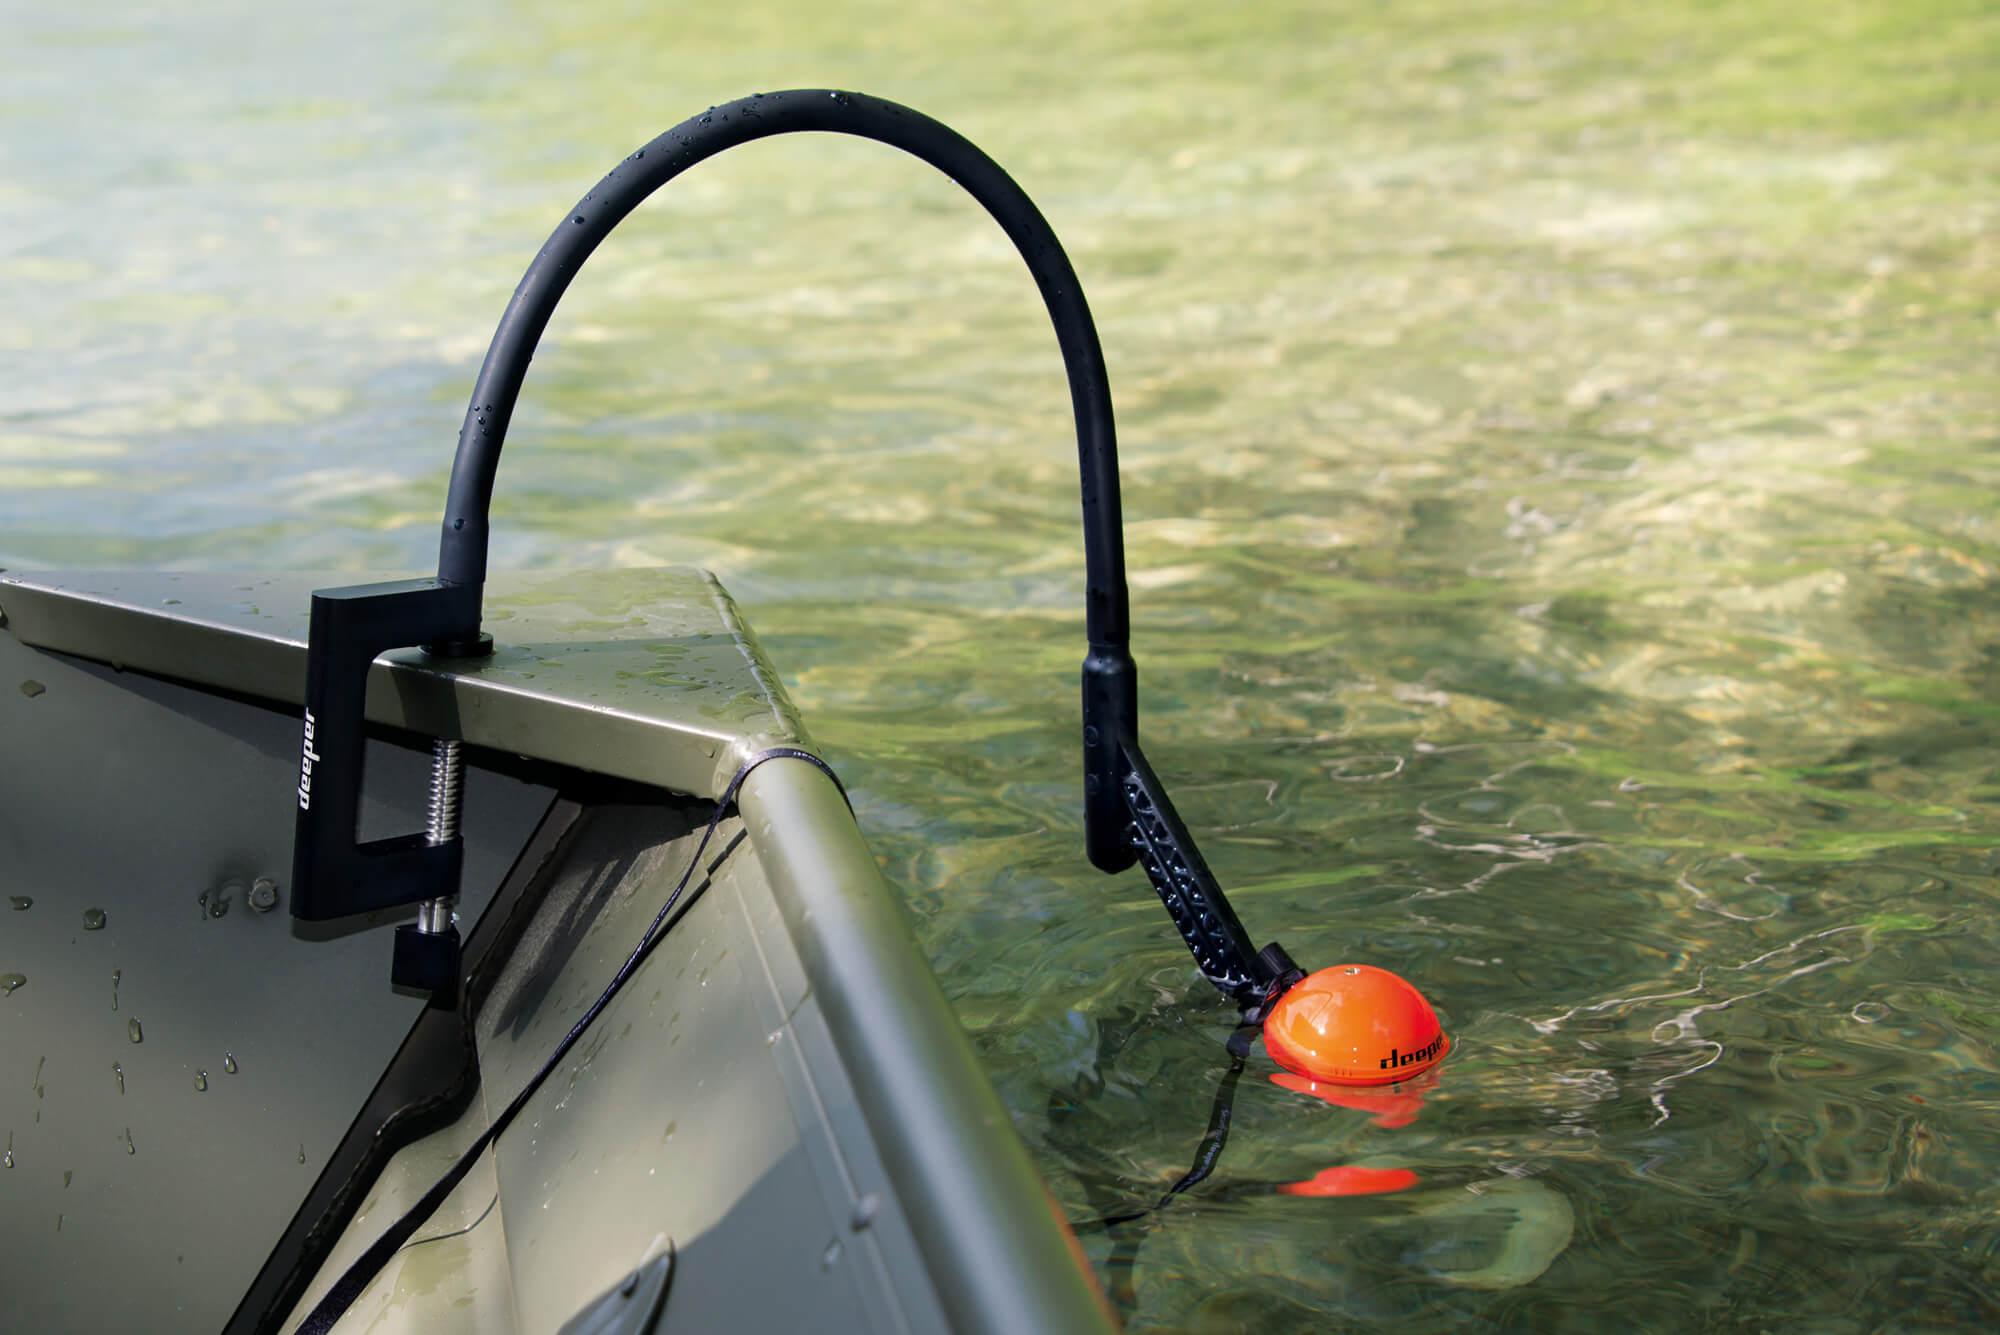 Как использовать крепление для лодки